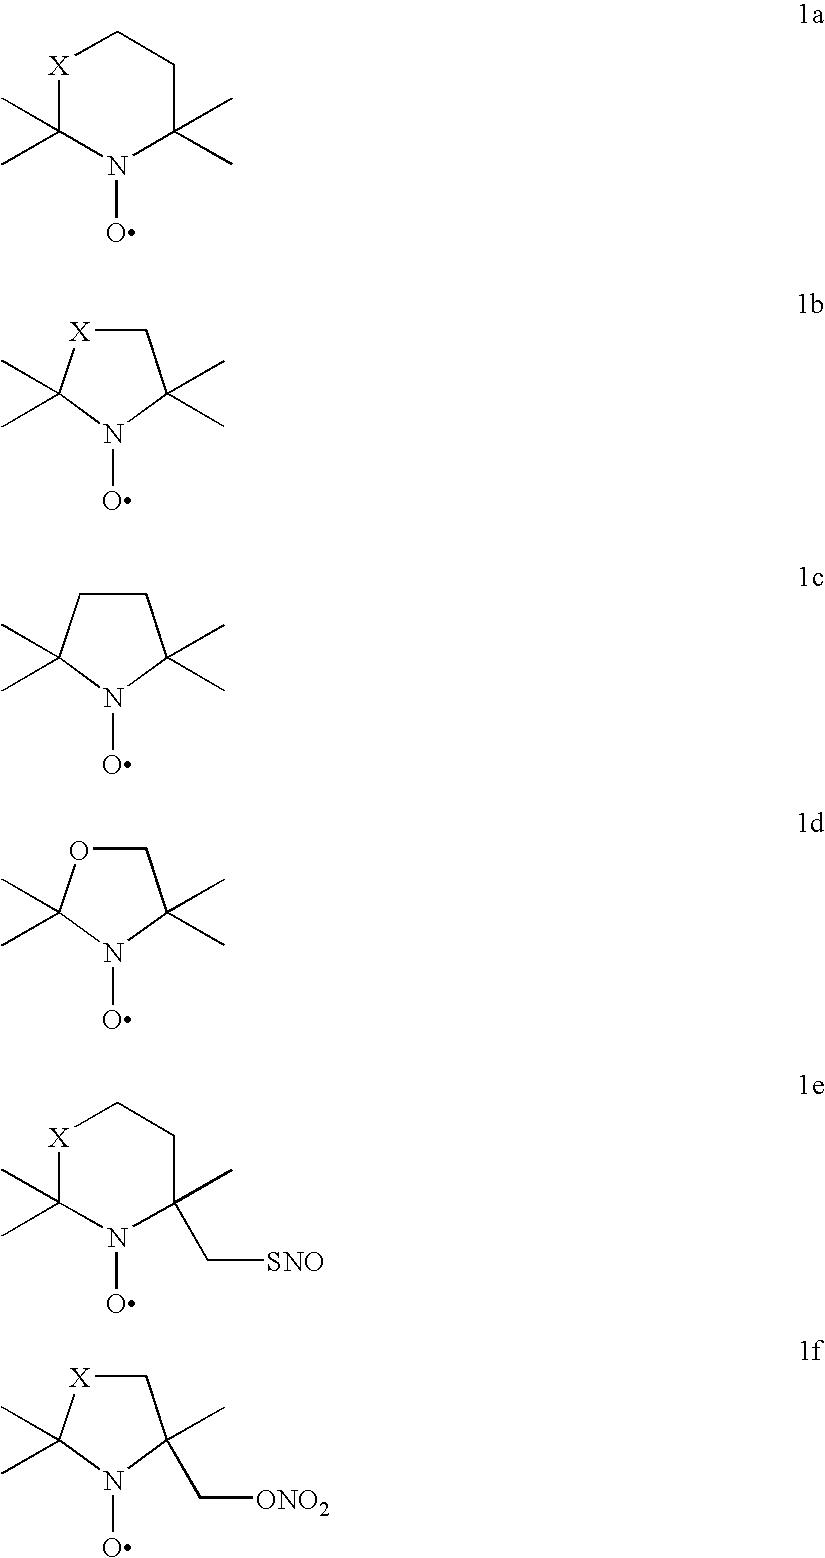 Figure US20060247216A1-20061102-C00003